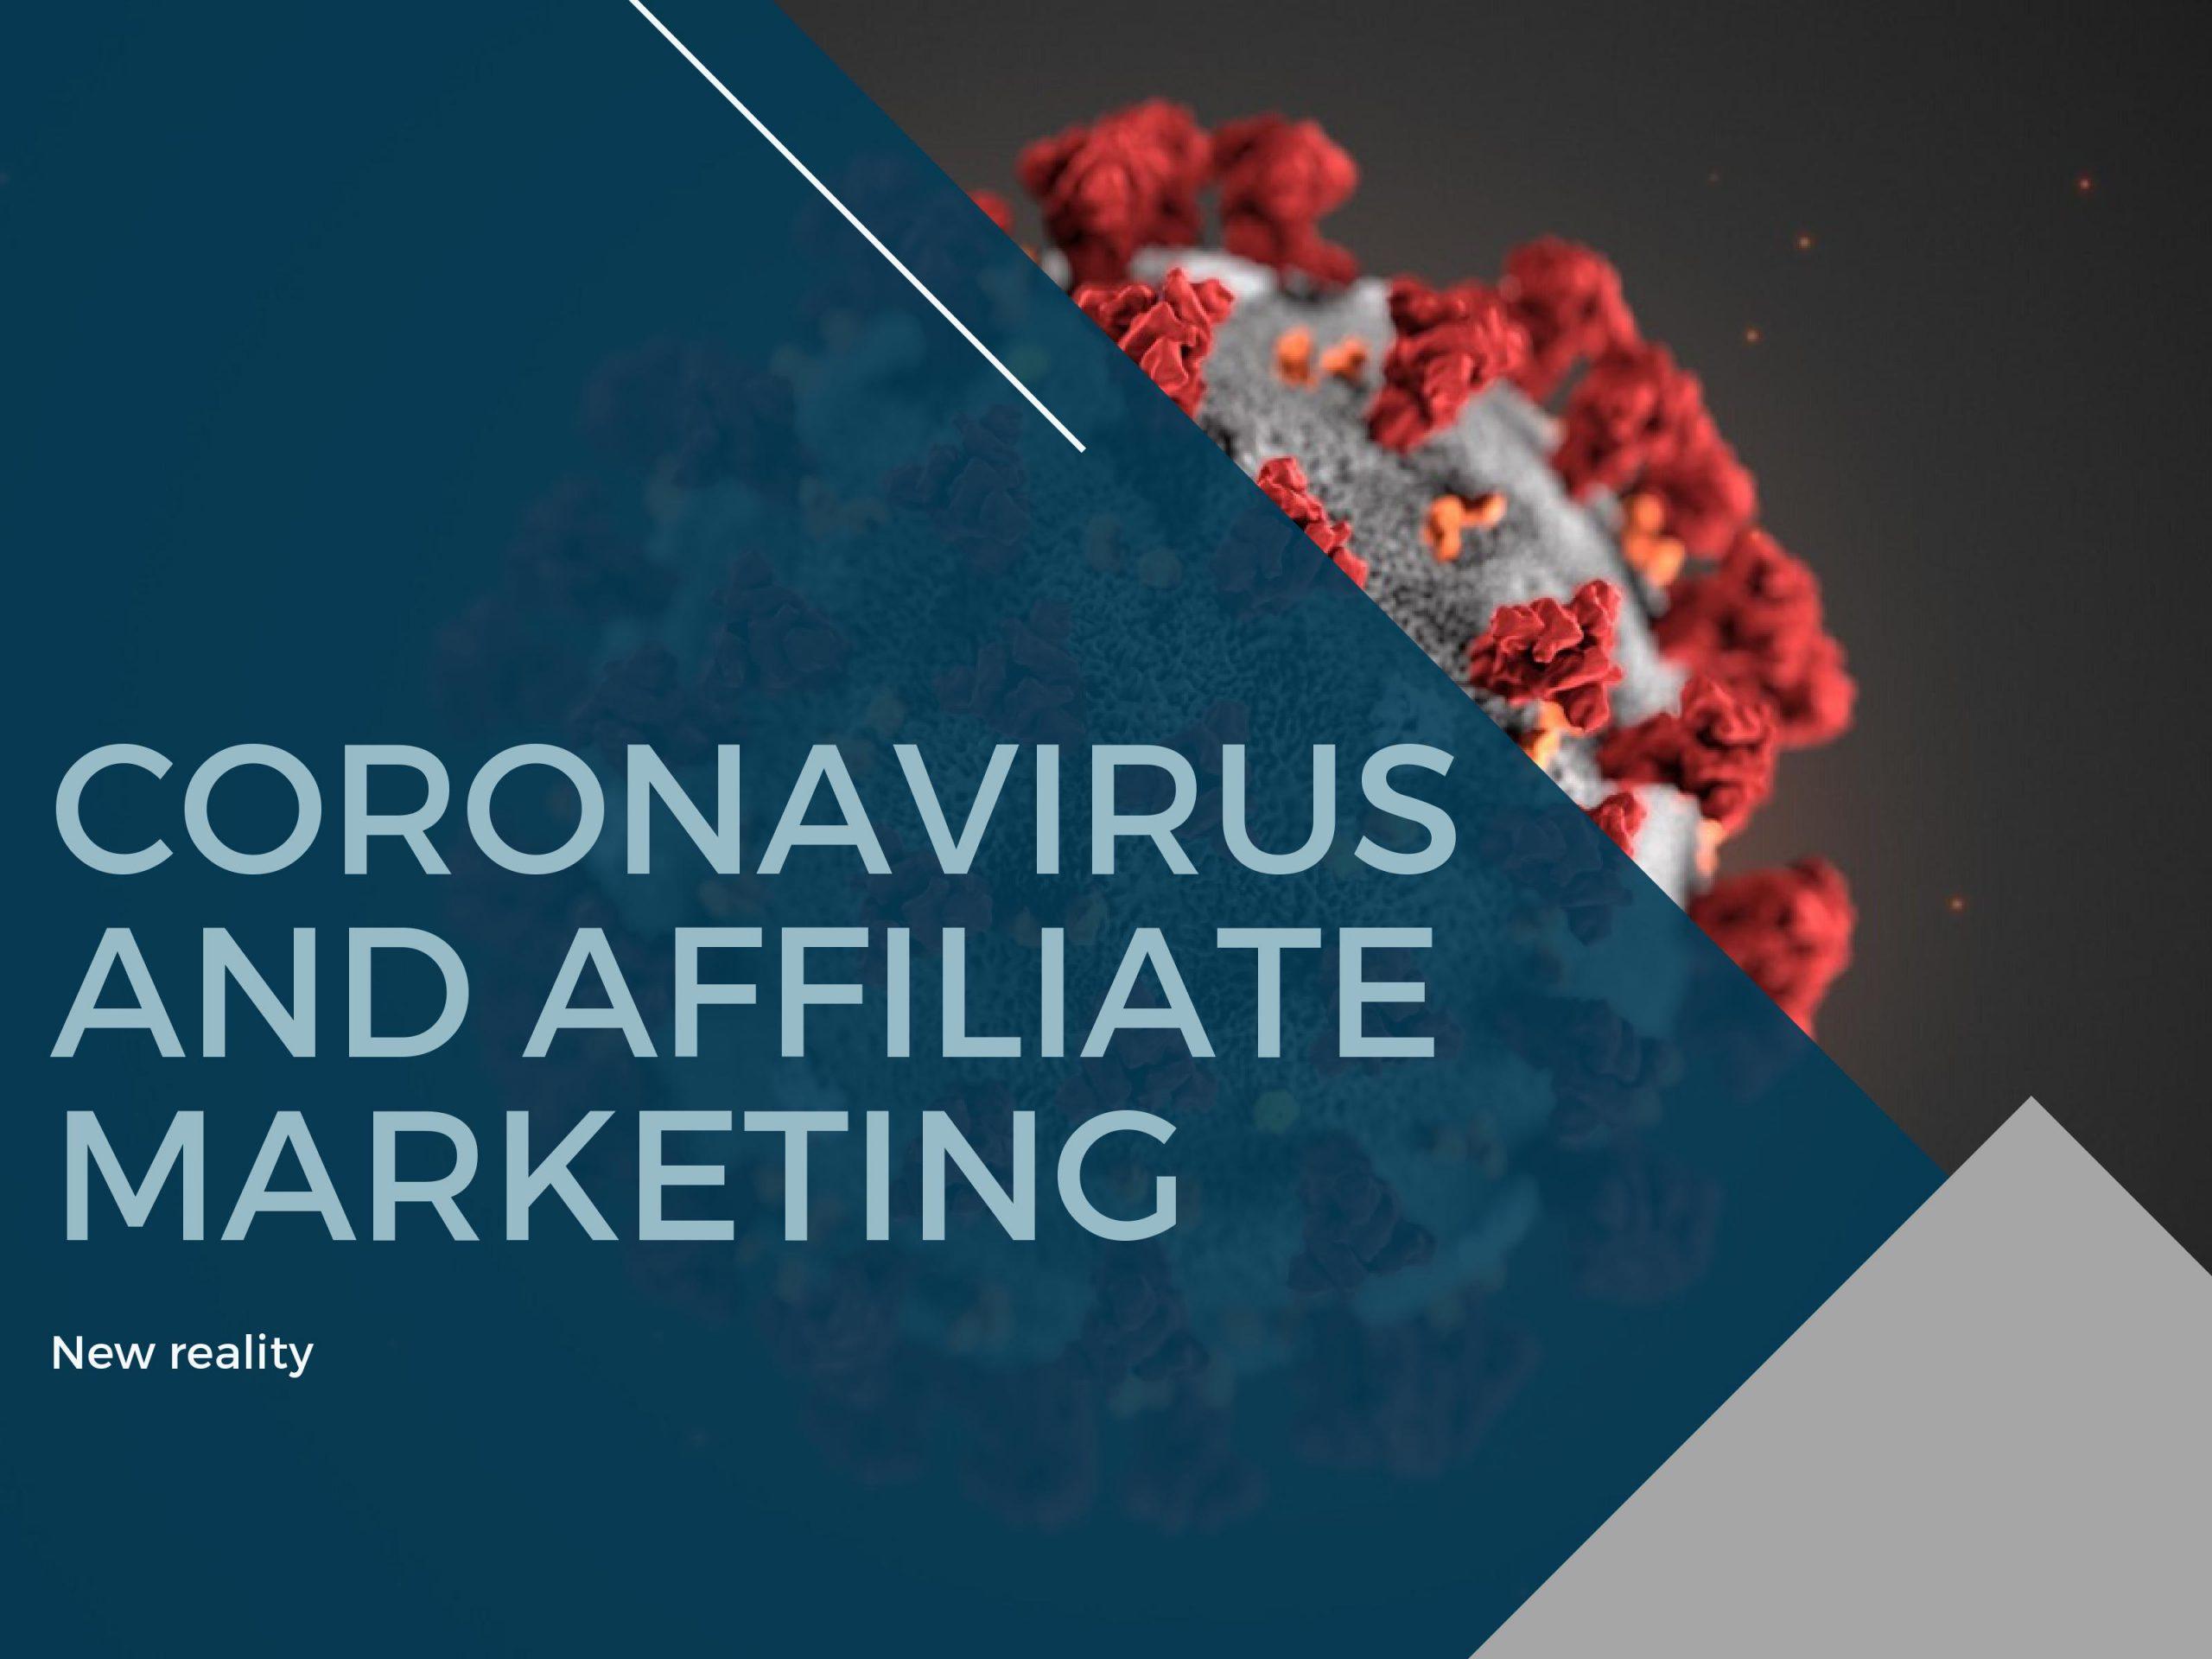 Coronavirus-and-affiliate-marketing.-New-reality